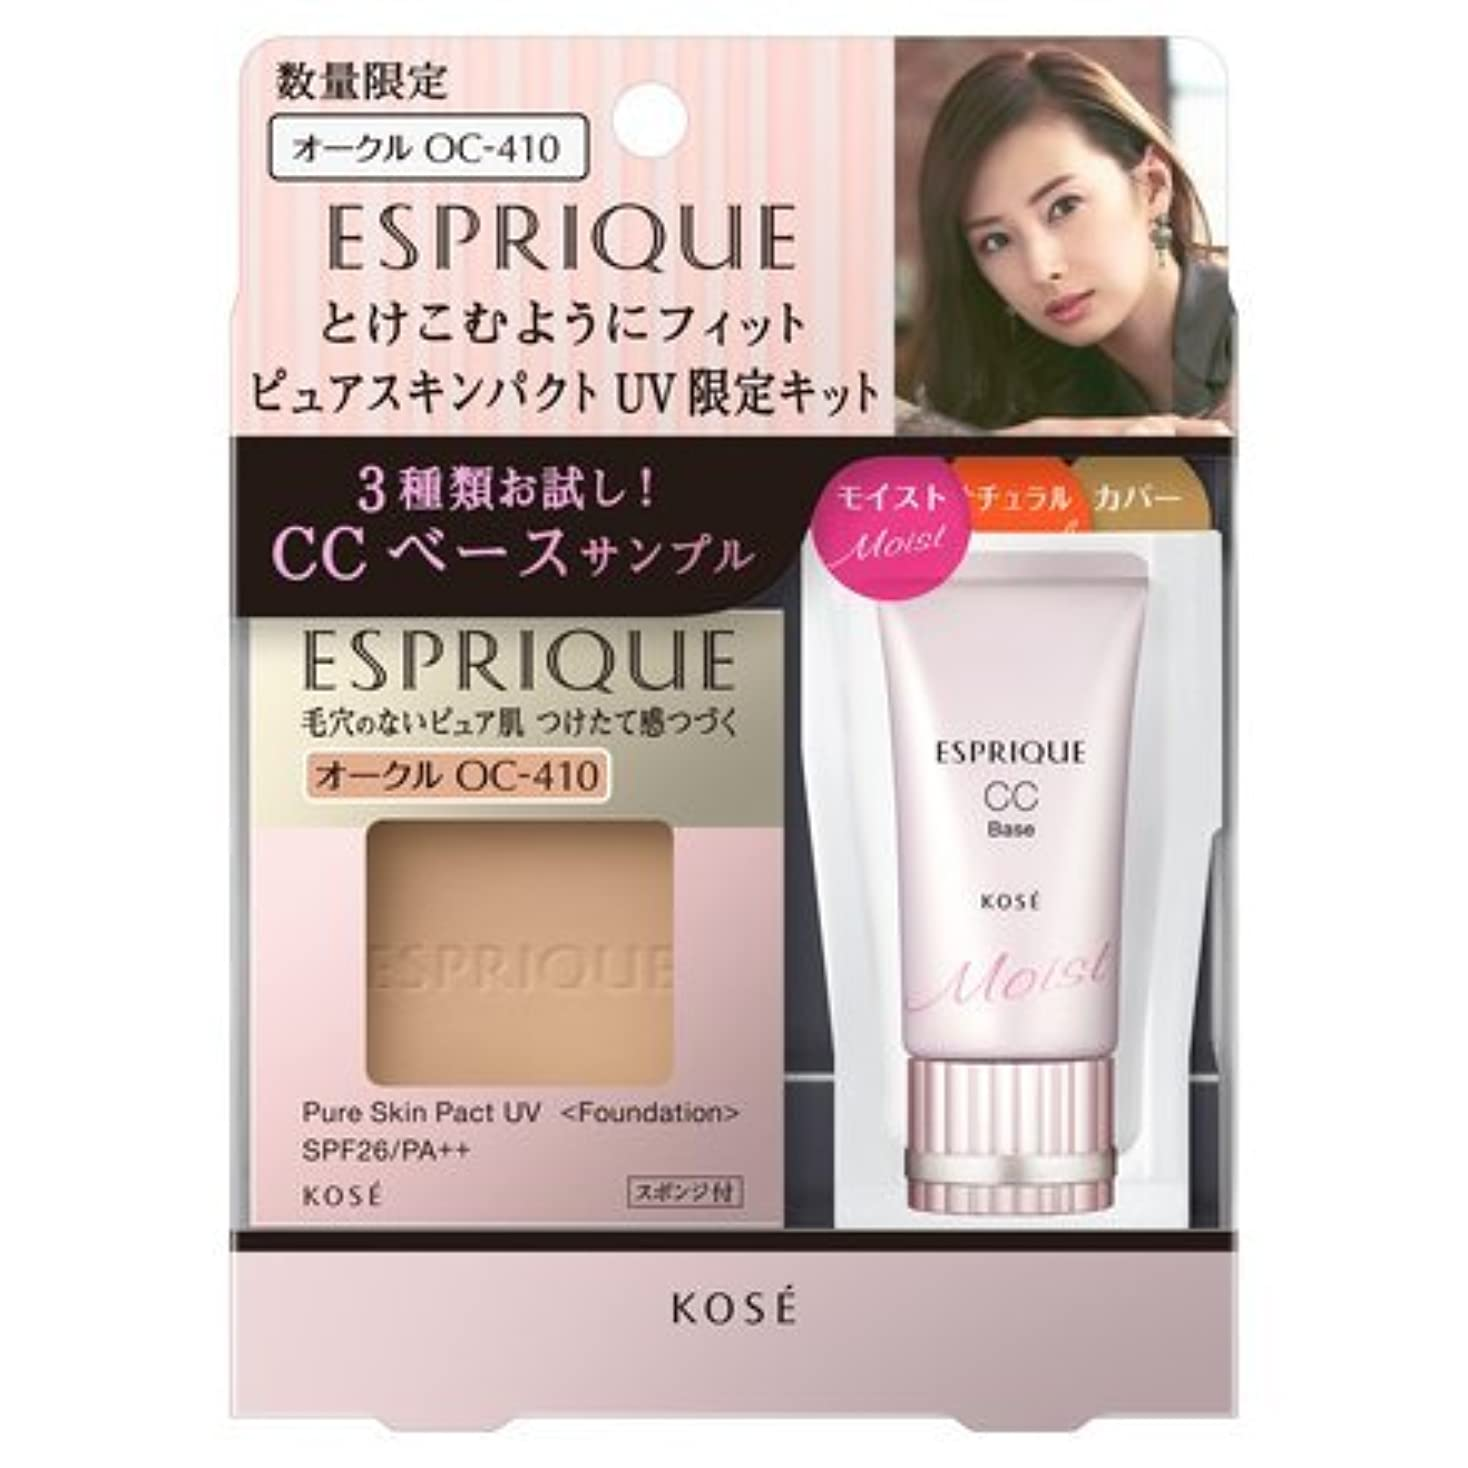 寛大なキャベツ風邪をひくコーセー エスプリーク ピュアスキンパクトUV 限定キット4 (OC-410)